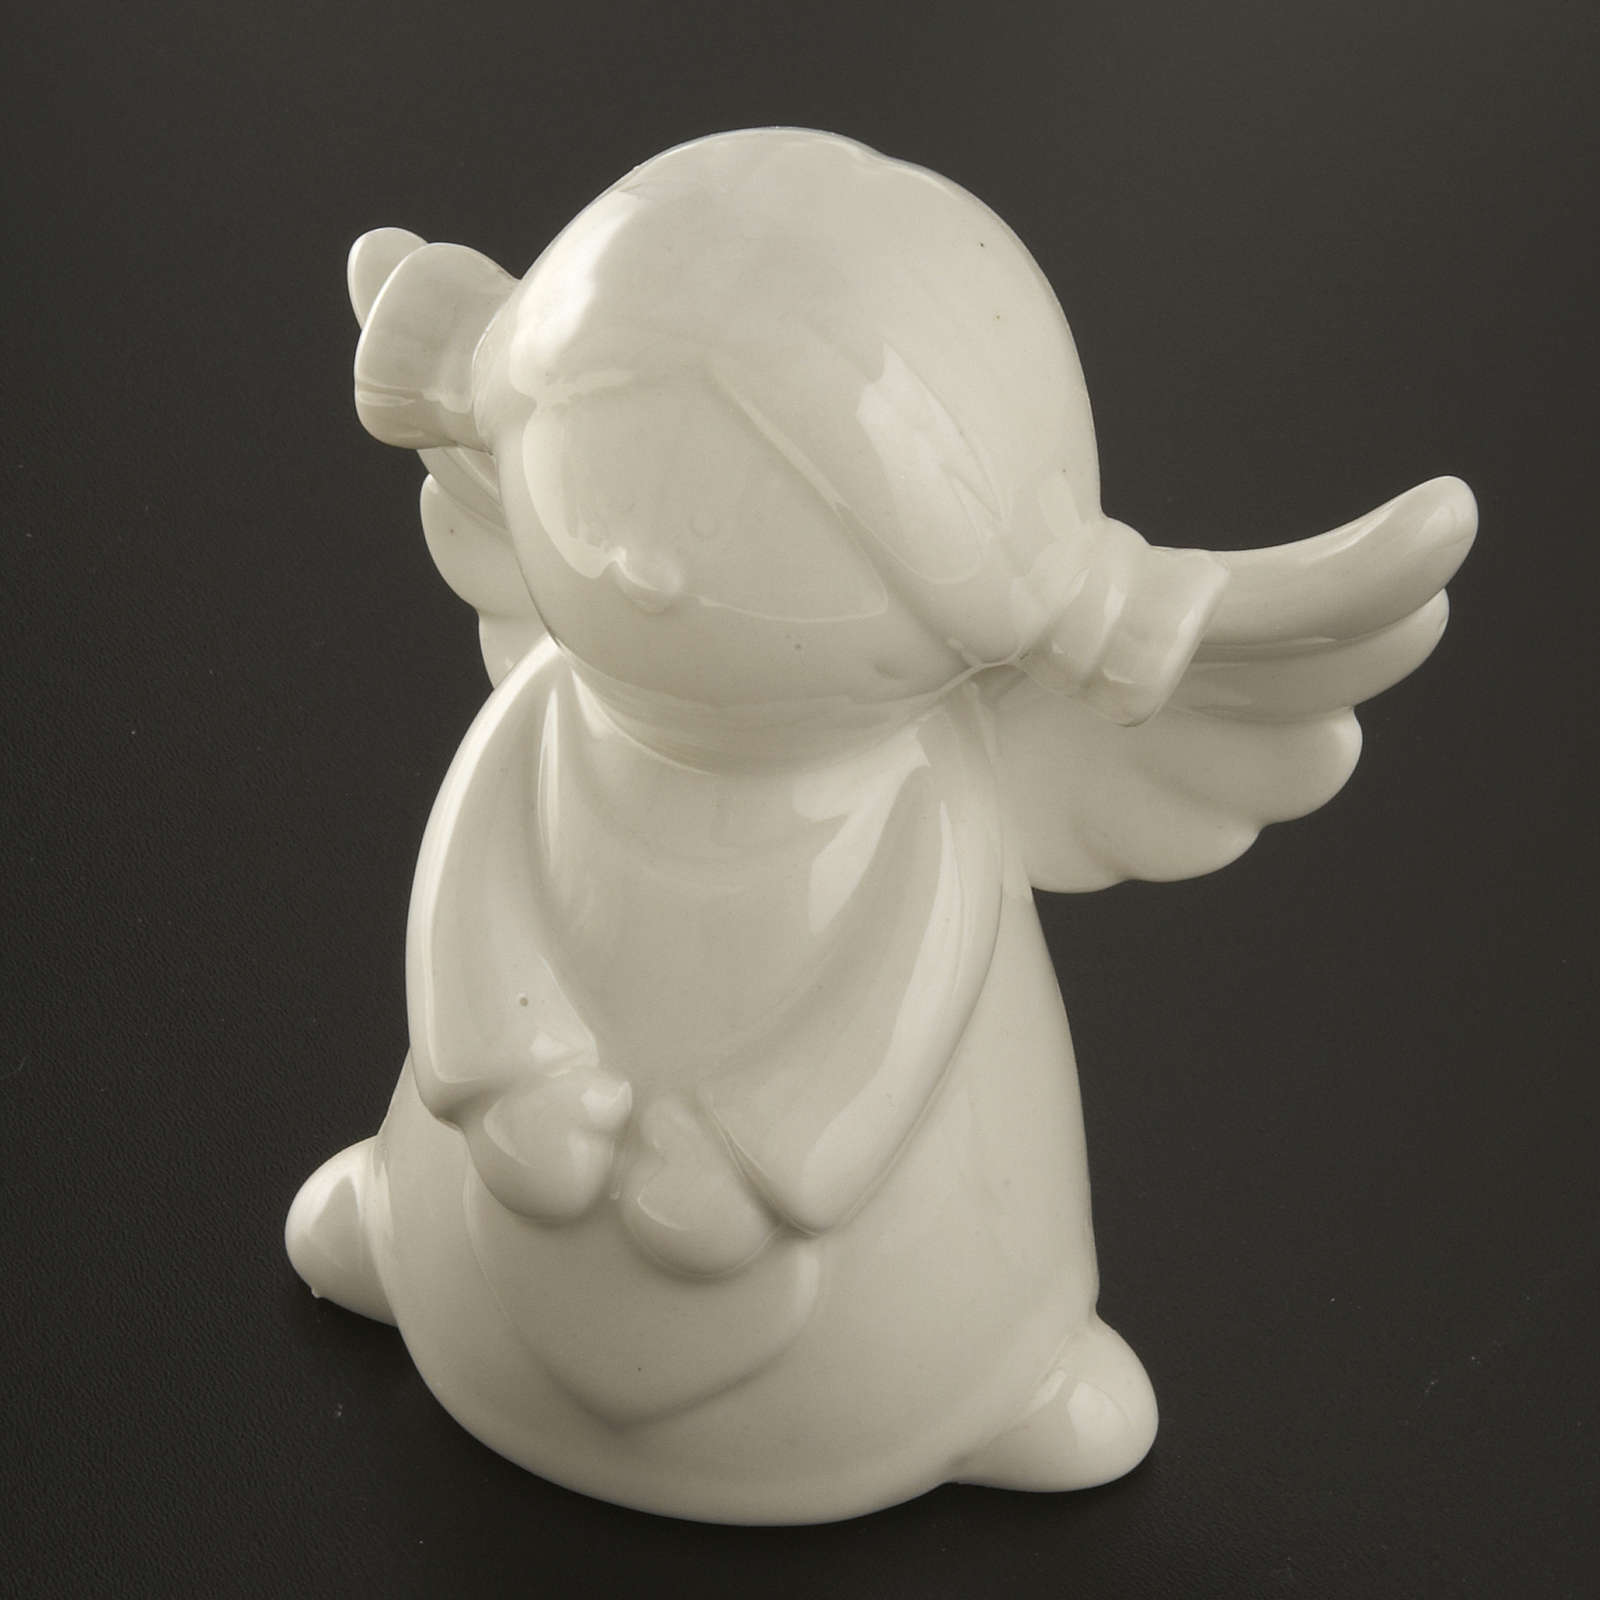 Anges céramique blanche 4 pcs 11 cm 3